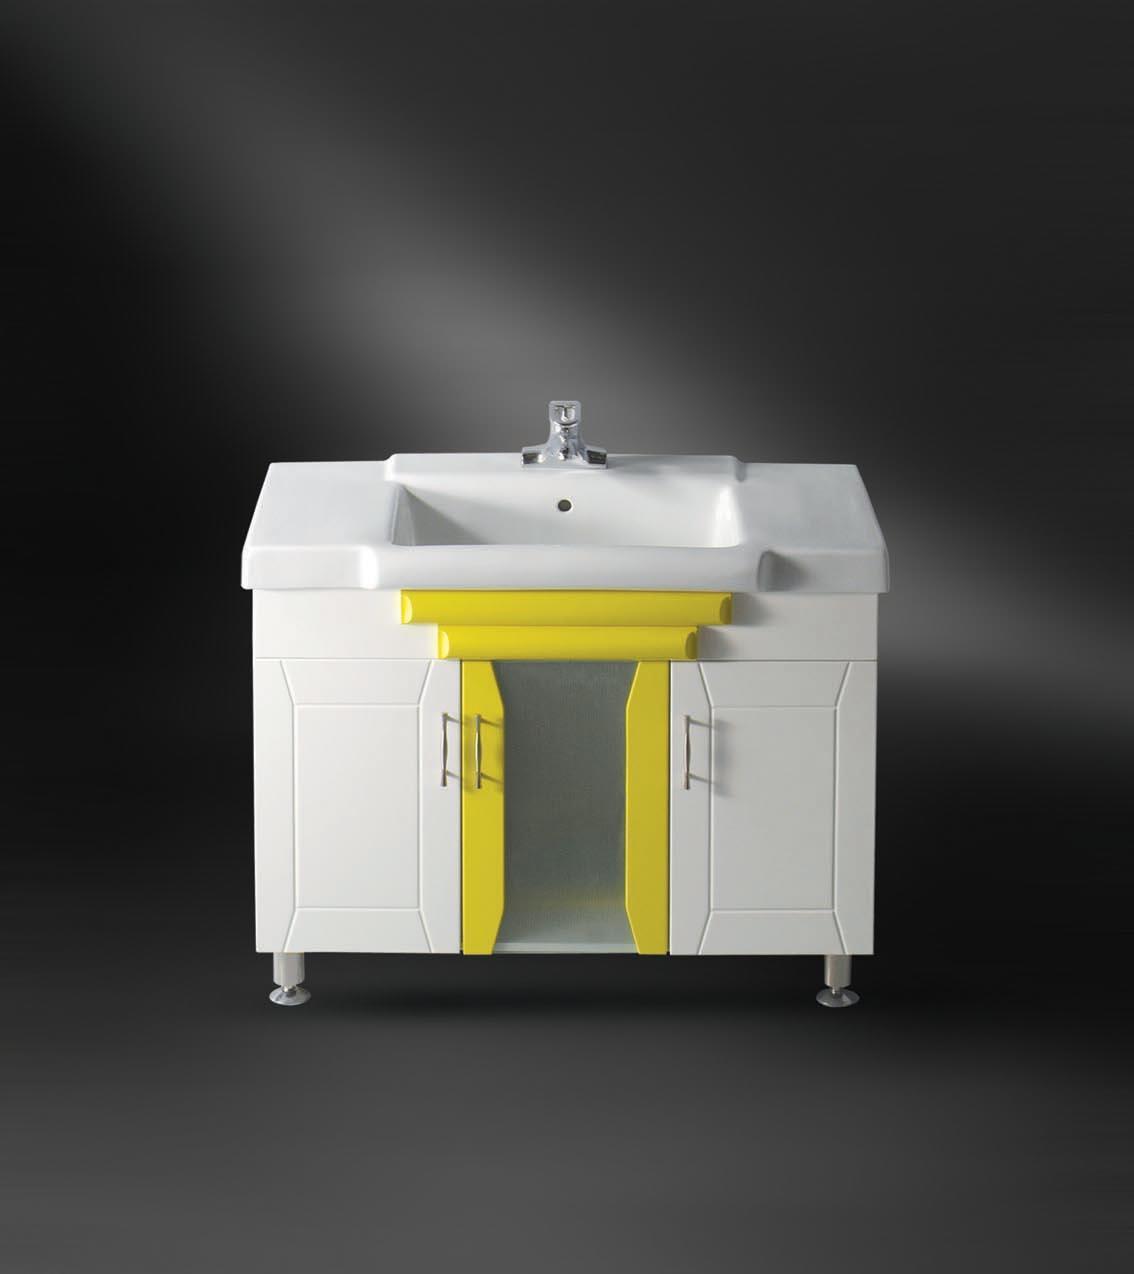 惠达HDFL155-02浴室柜HDFL155-02